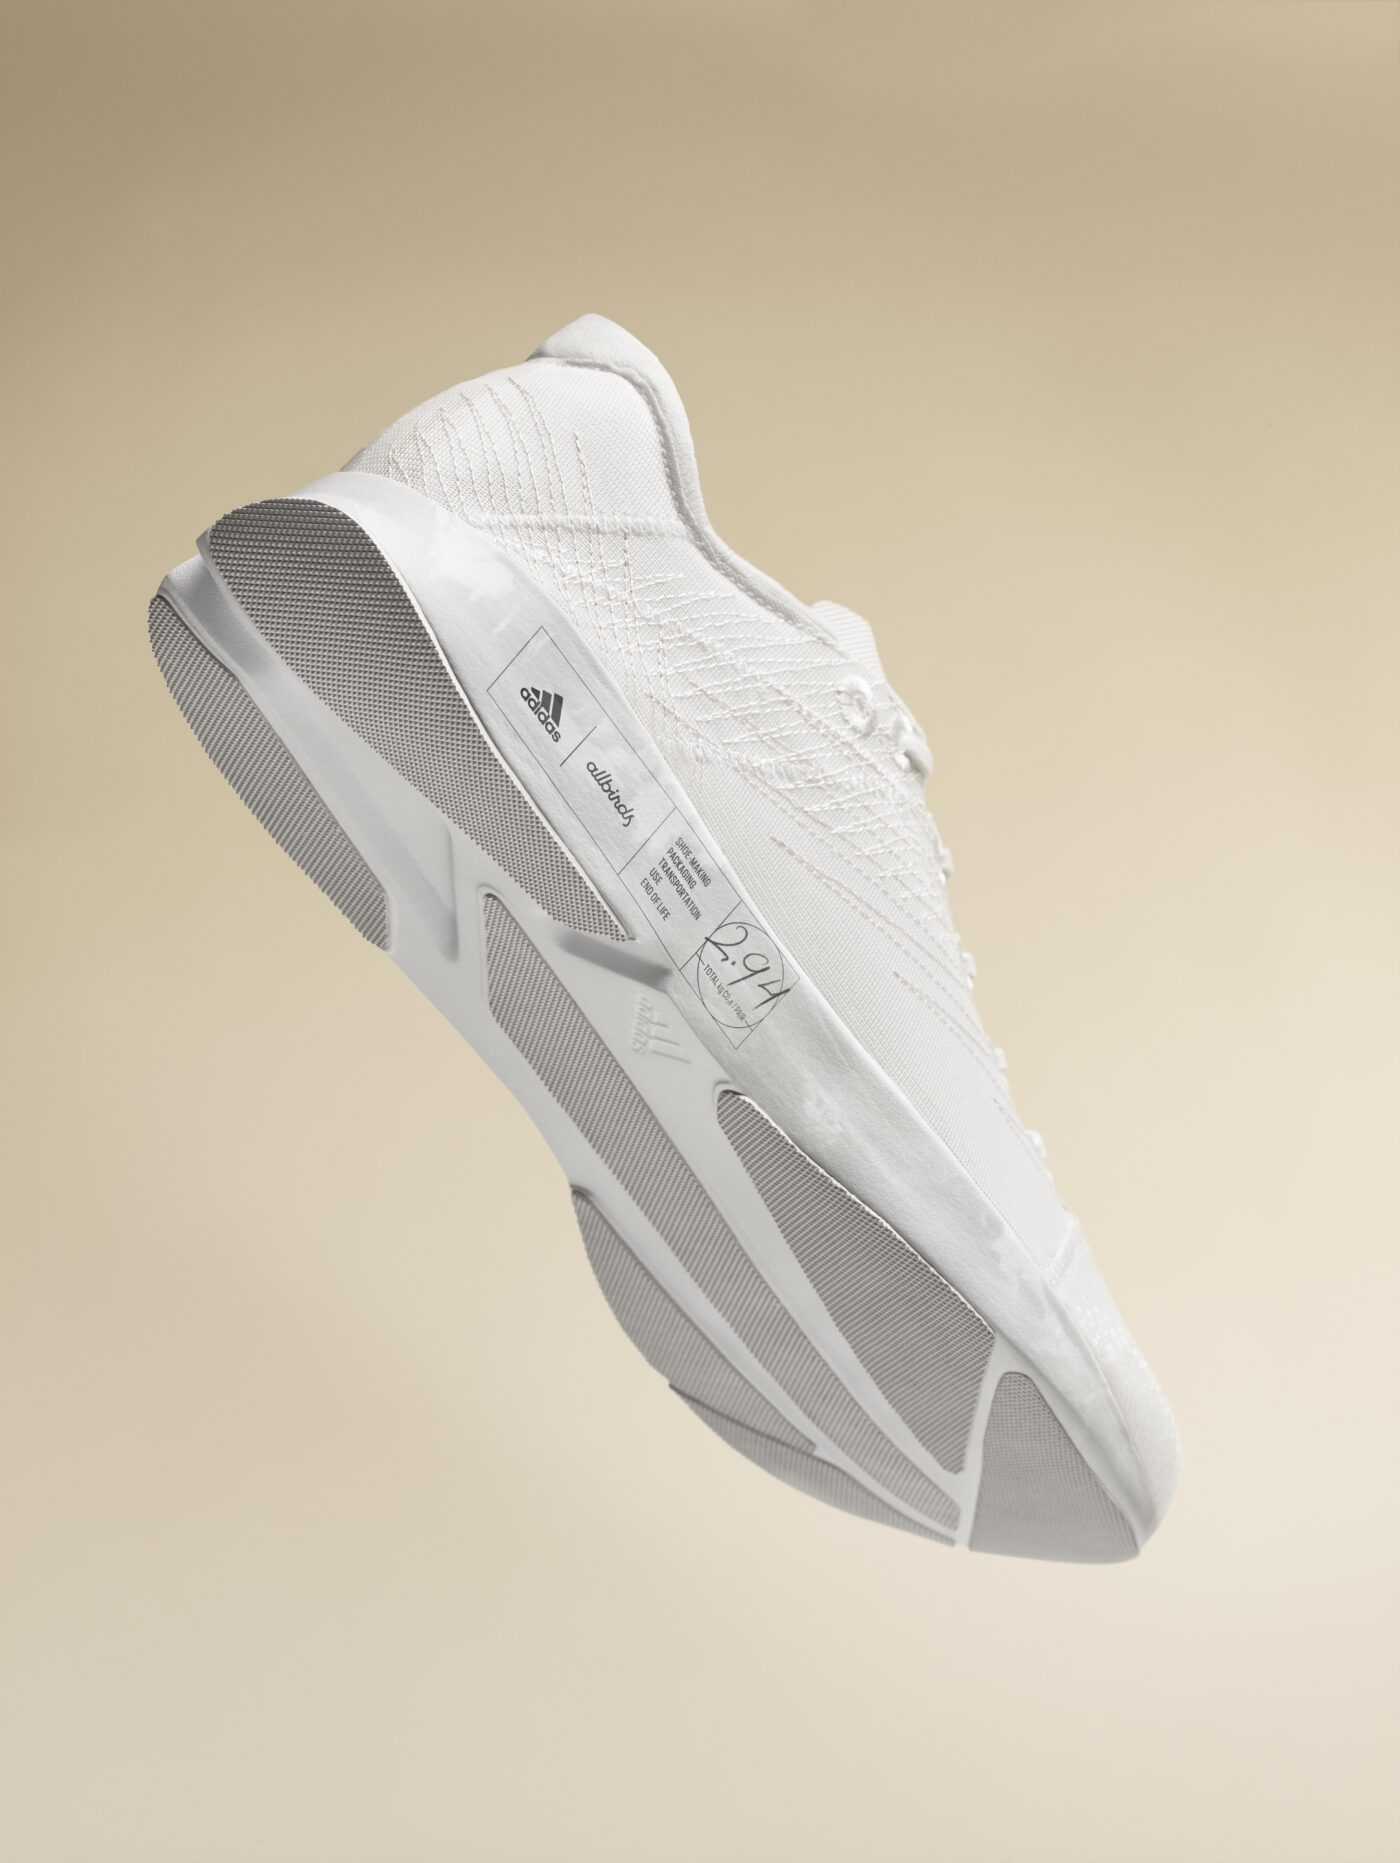 adidas allbirds futurecraft footprint running 3